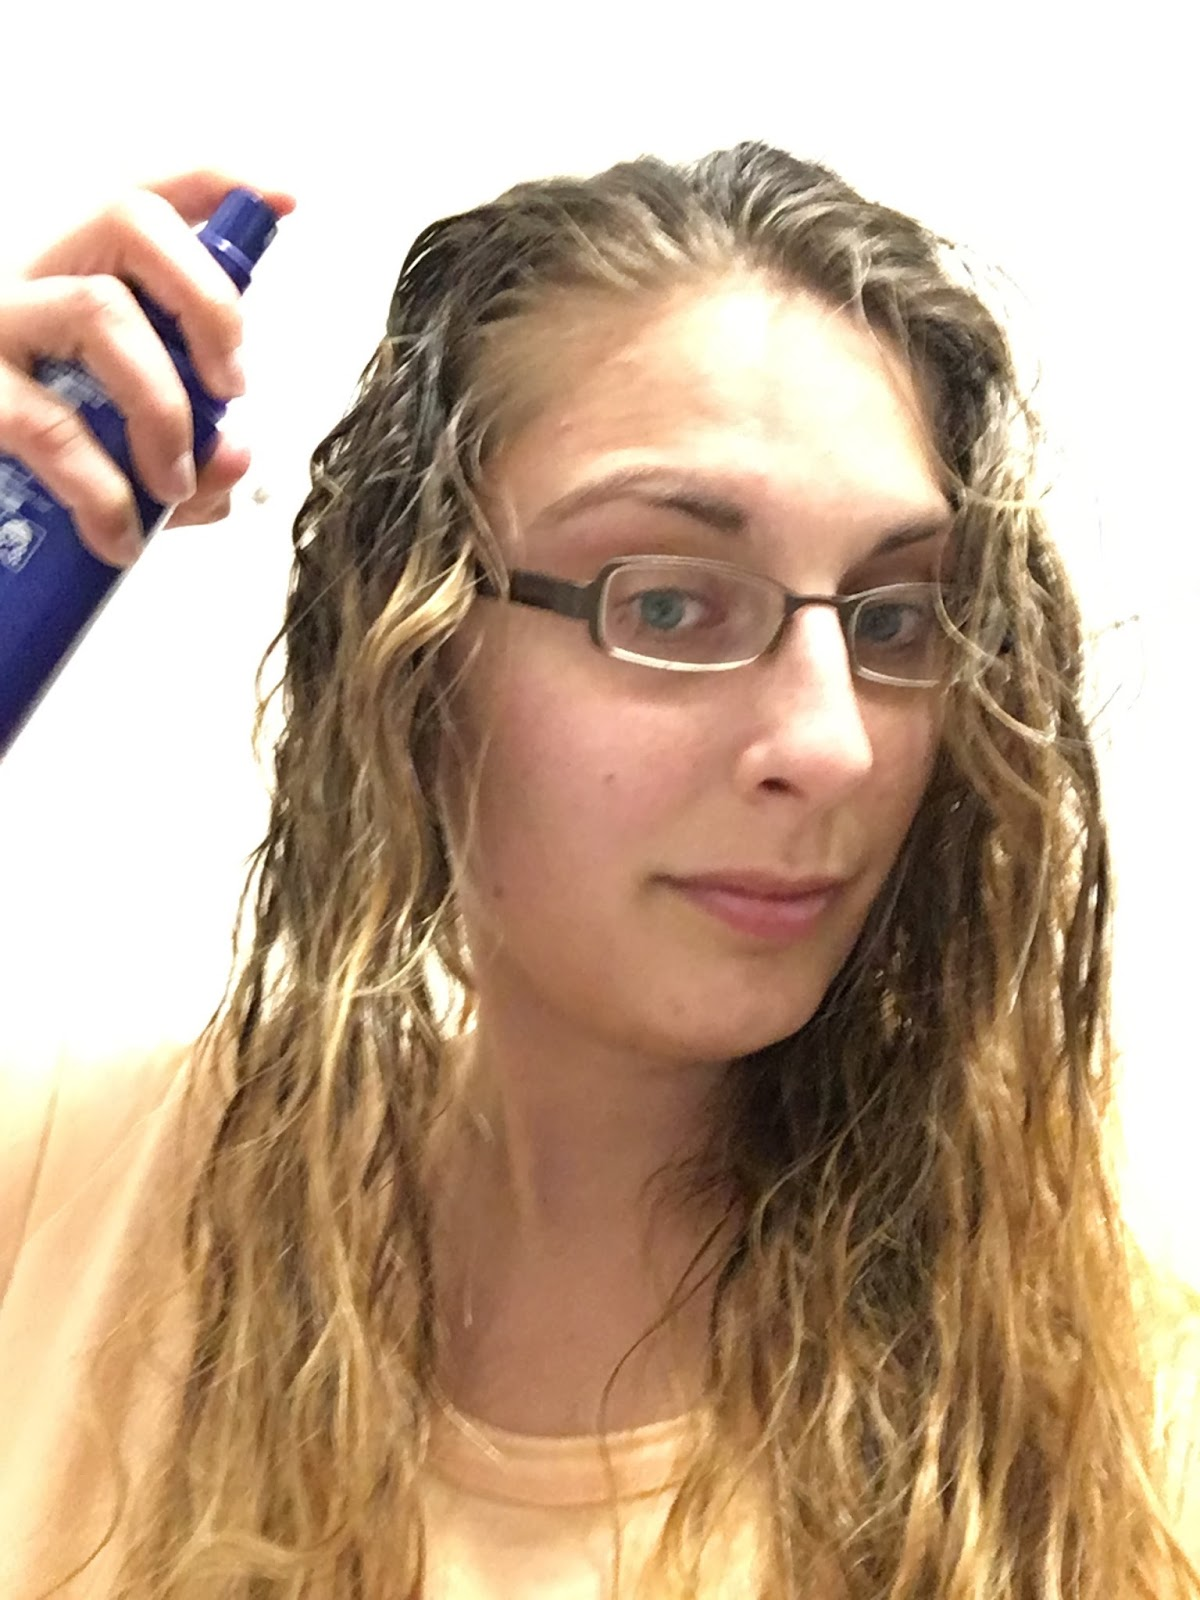 Die Reihe für die Behandlung des Haares